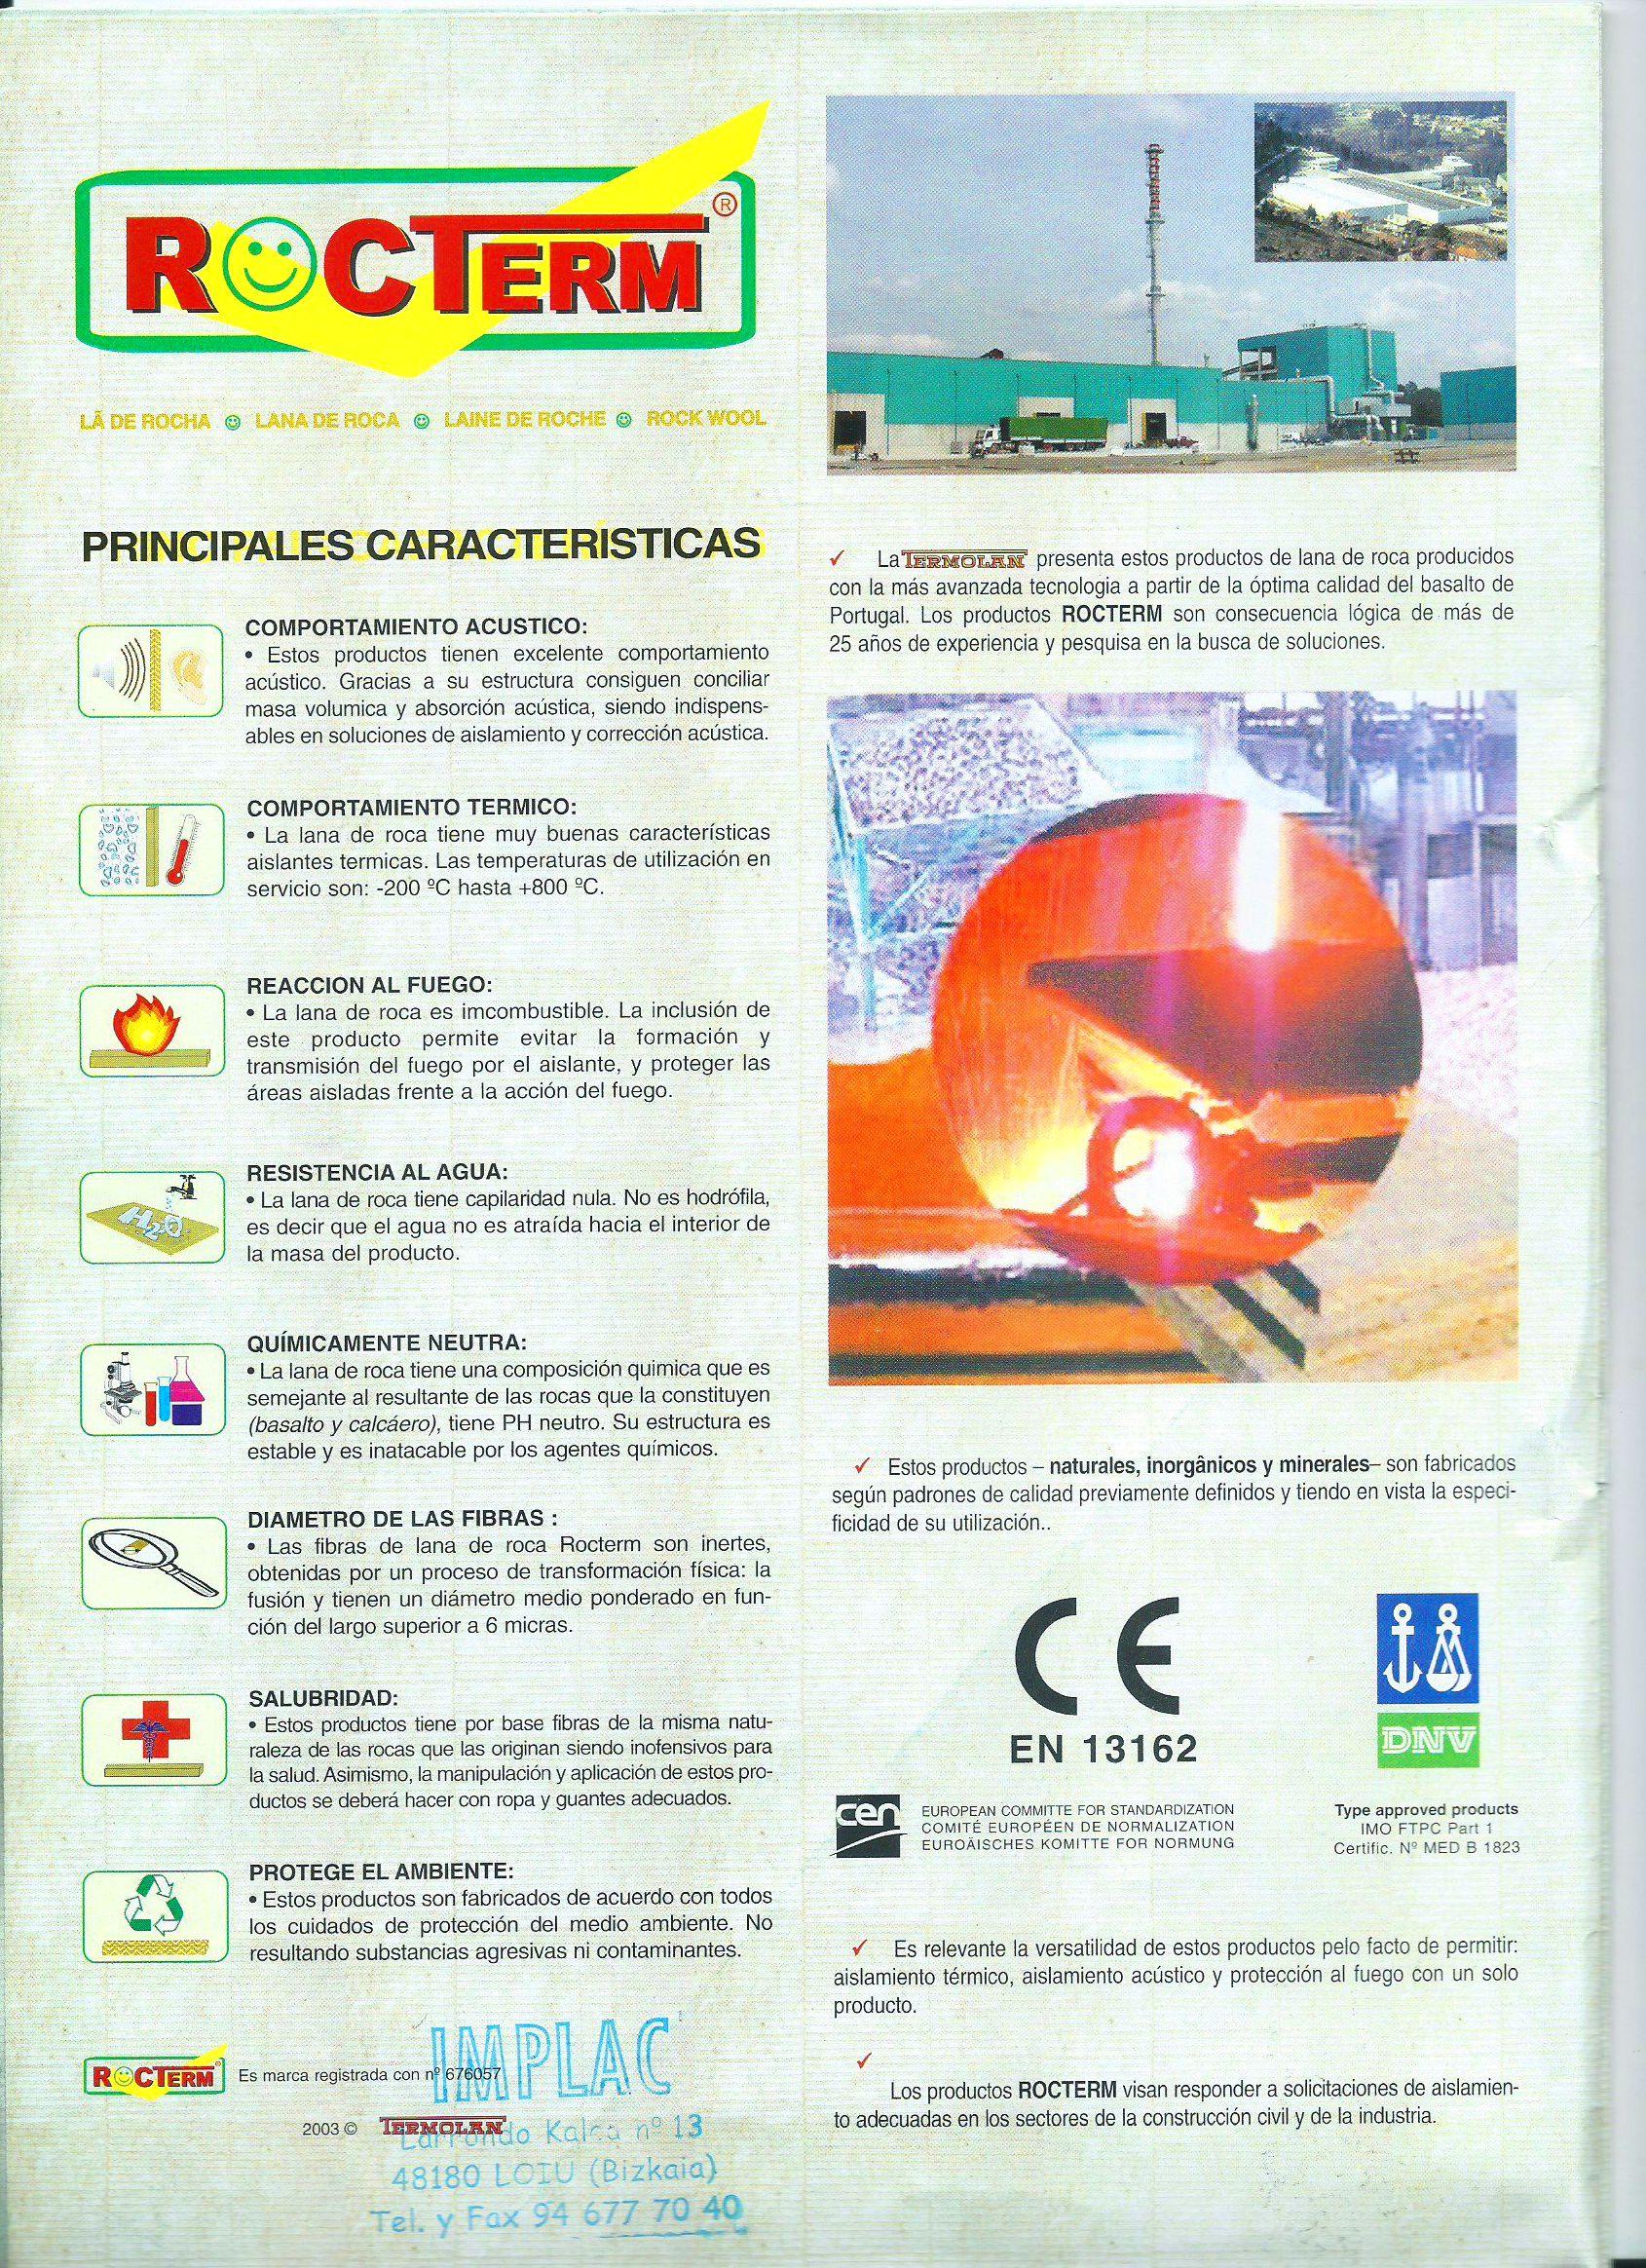 Aislamientos termicos, acusticos y contra el fuego